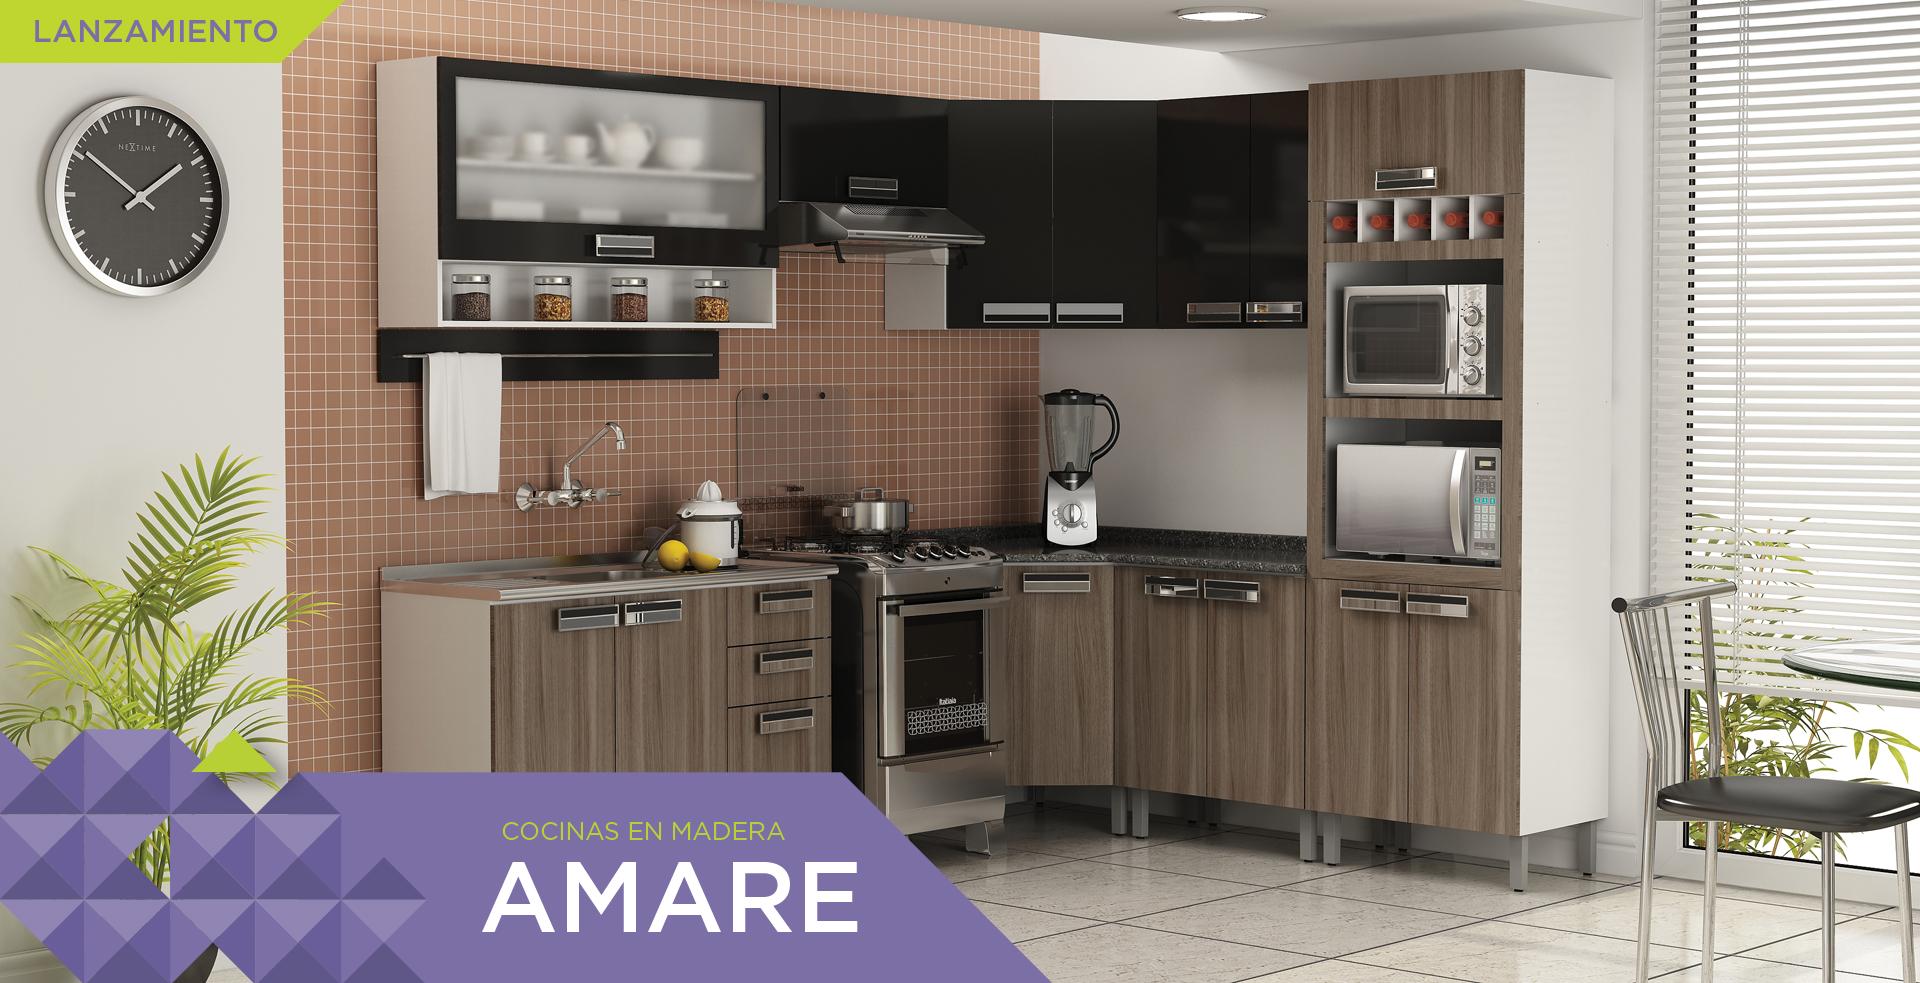 Cocinas de Madera Amare | Cozinhas Itatiaia